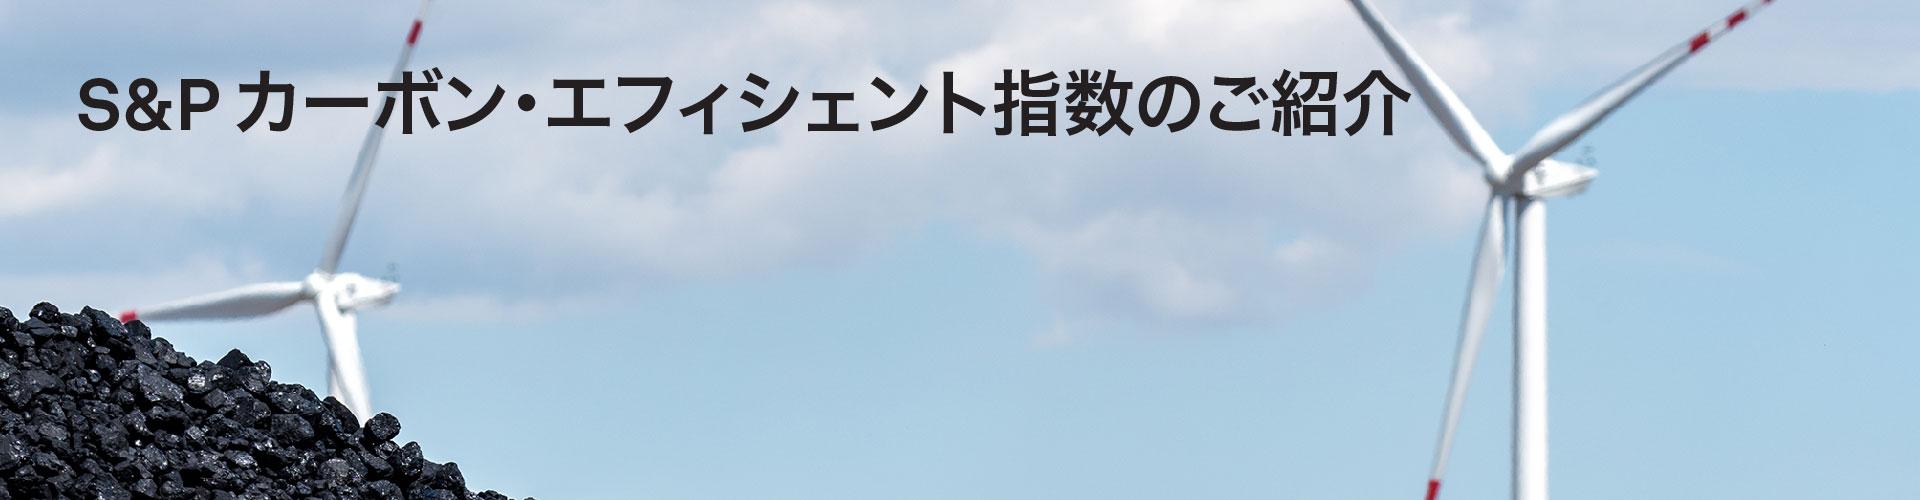 S&P カーボン・エフィシェント指...